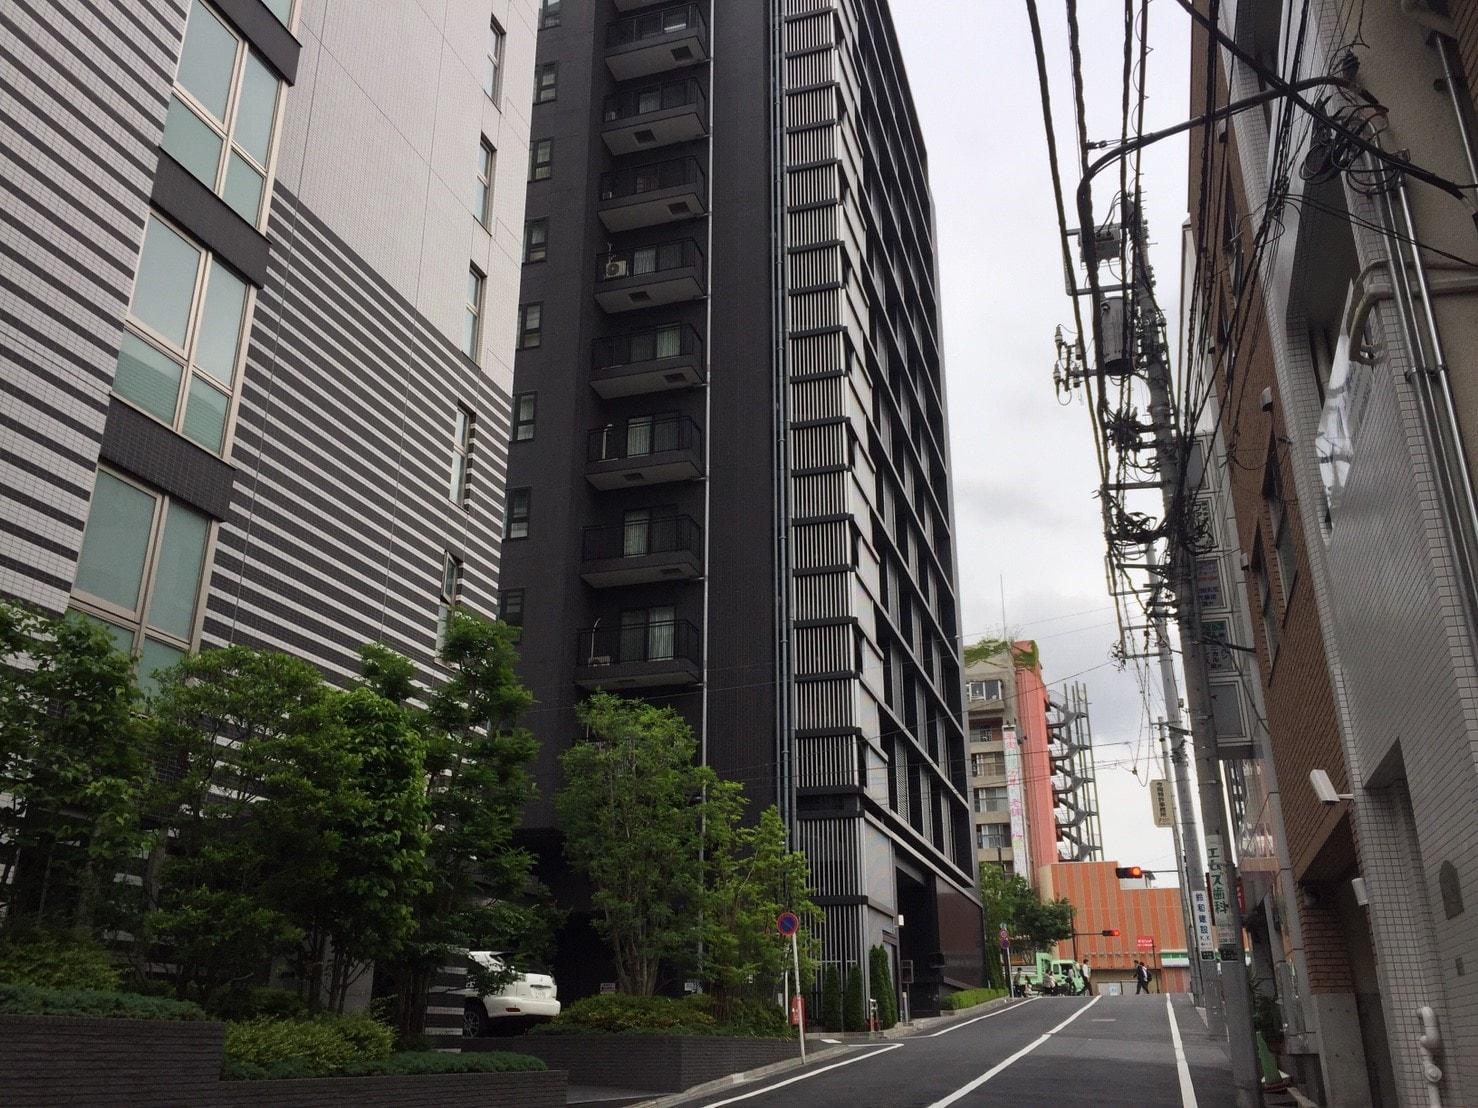 高層マンションが多い通りの風景